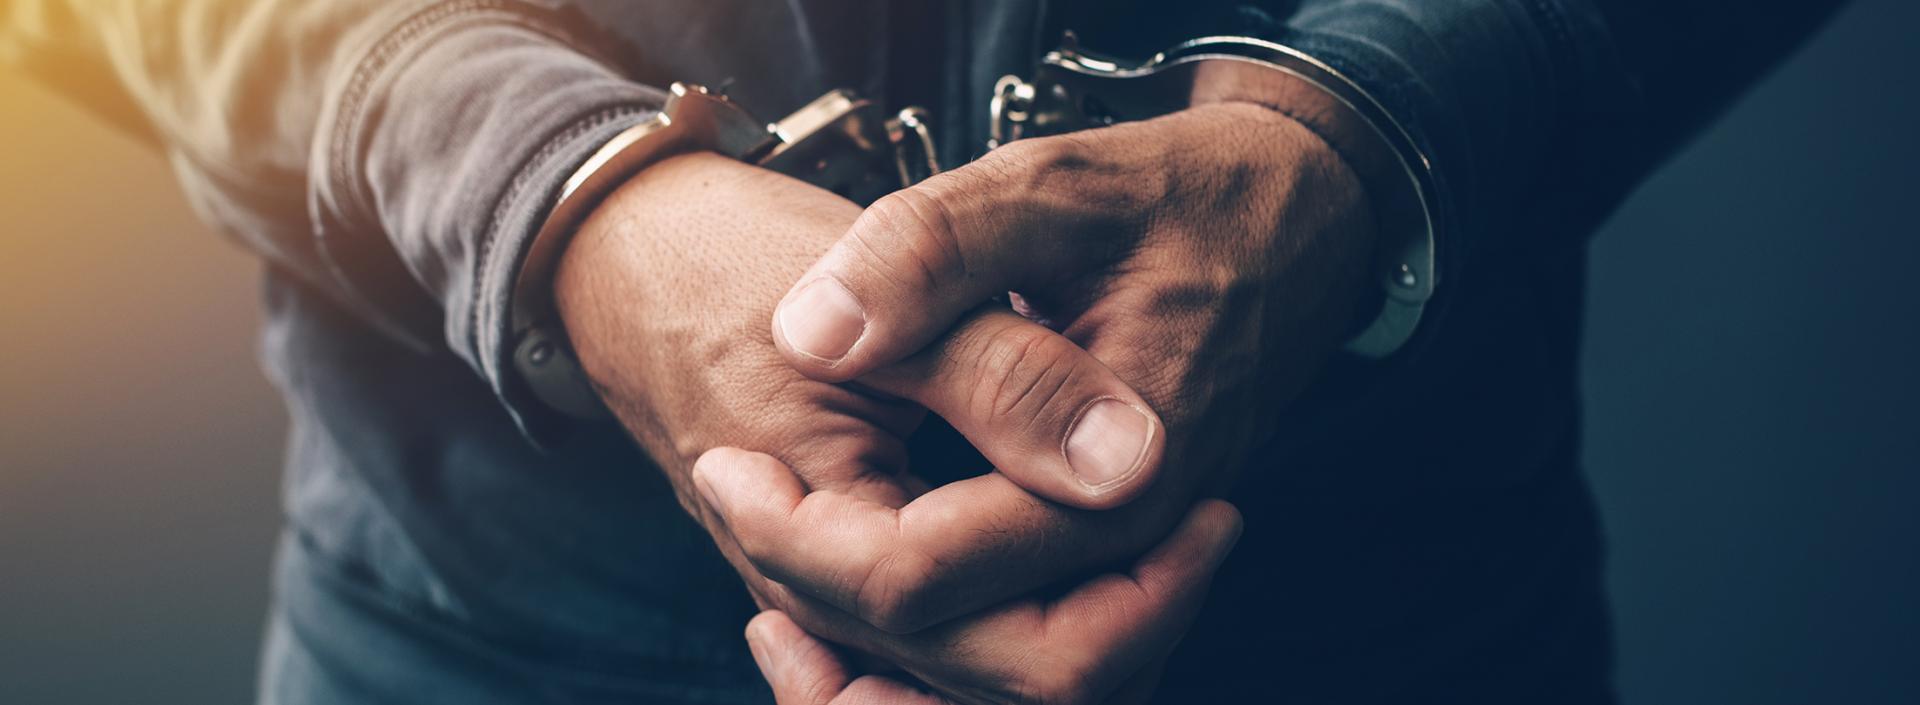 Especialização Avançada em Reinserção Social e Criminalidade